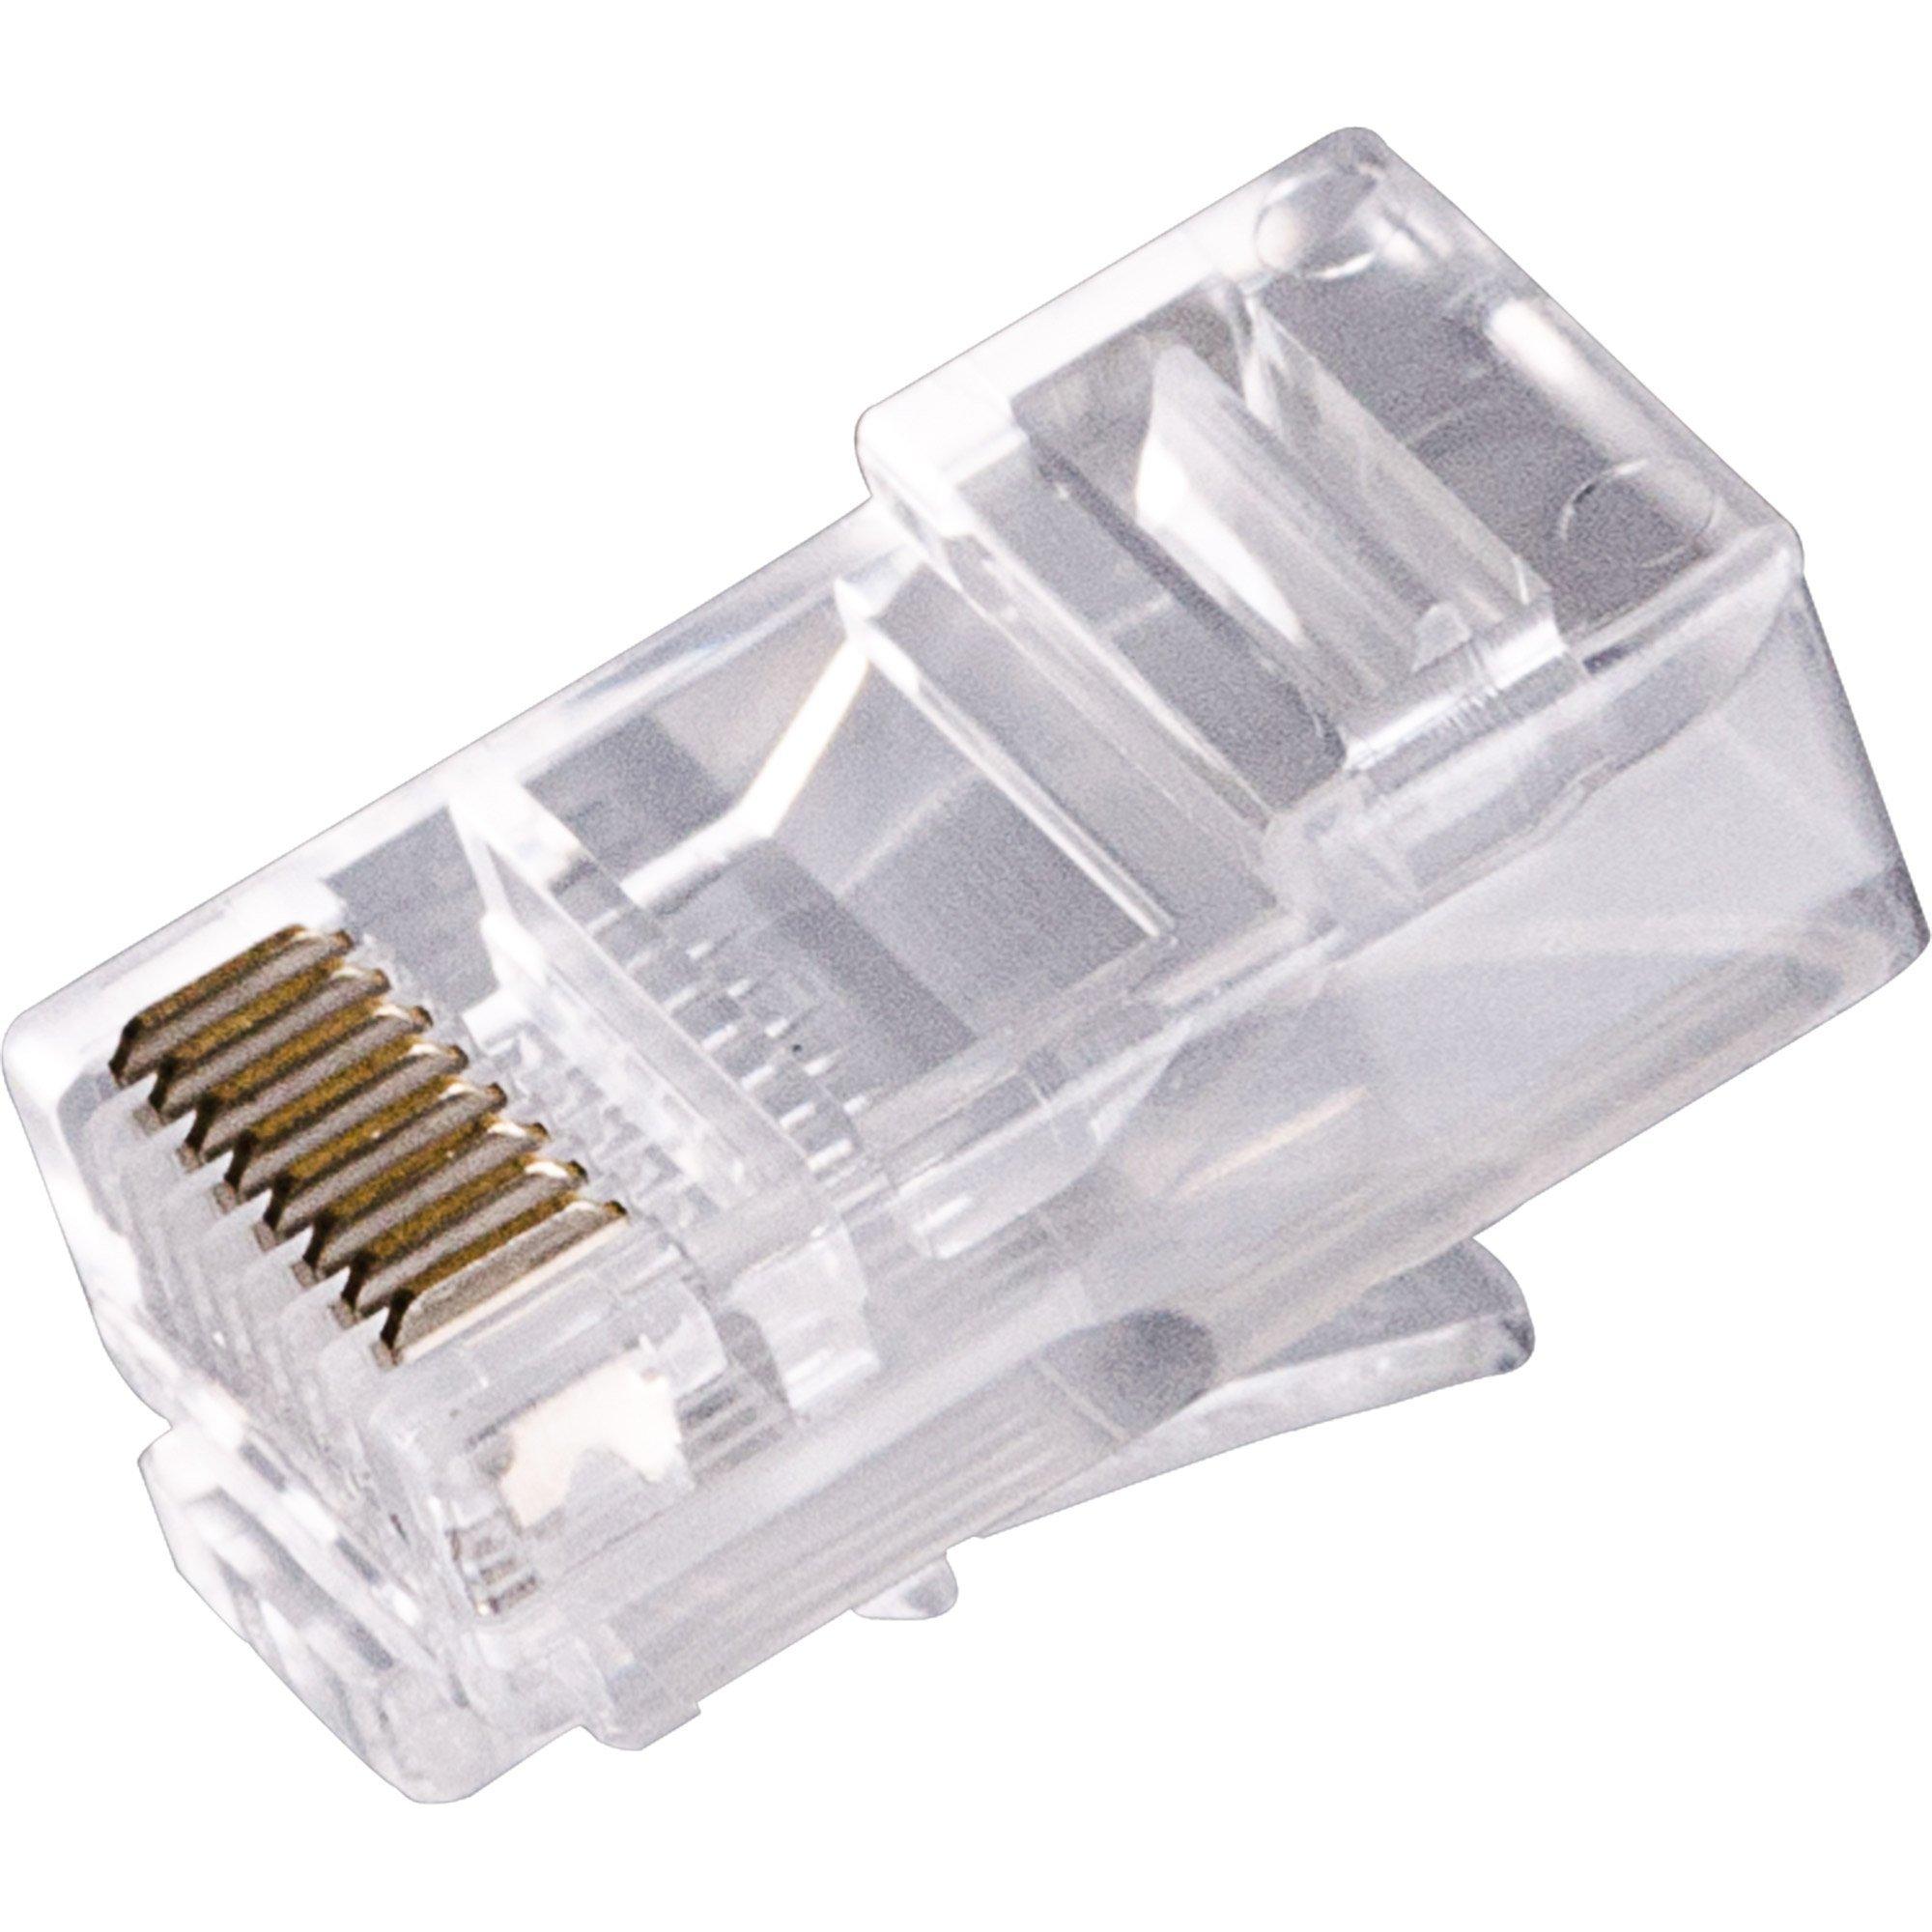 conector macho cat5e rj45 100 pecas 50493 2000 202019 1